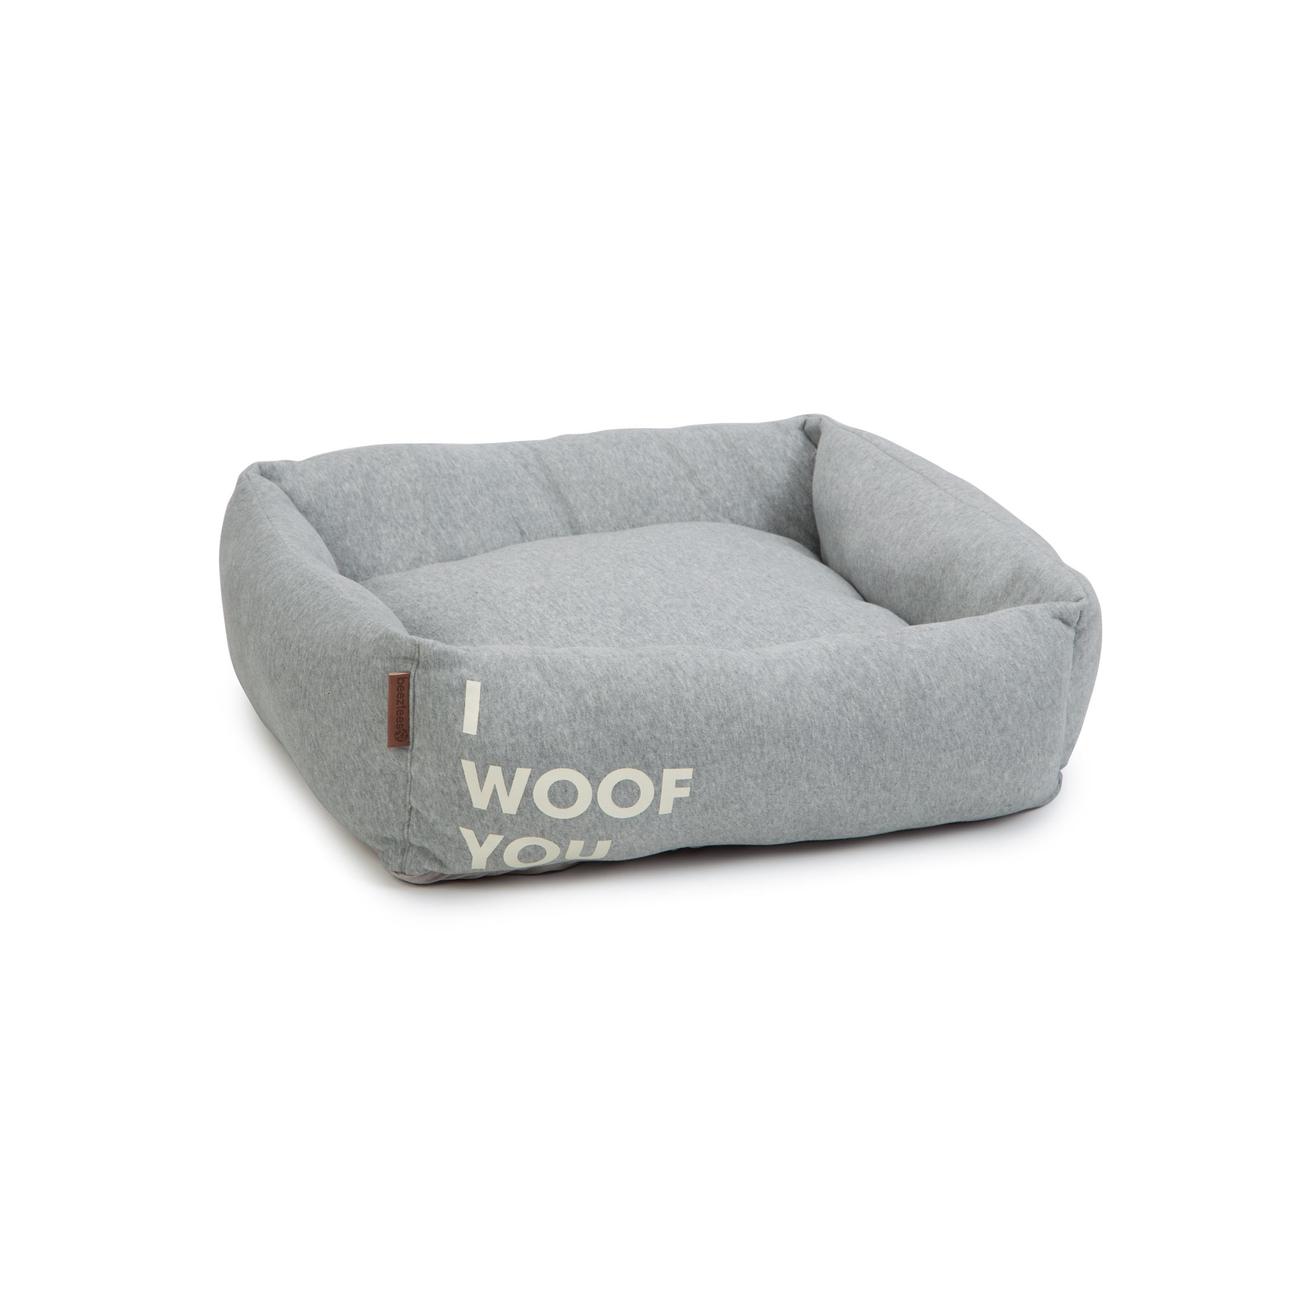 Beeztees Hundebett Woof You, 65 x 60 x 20 cm, grau